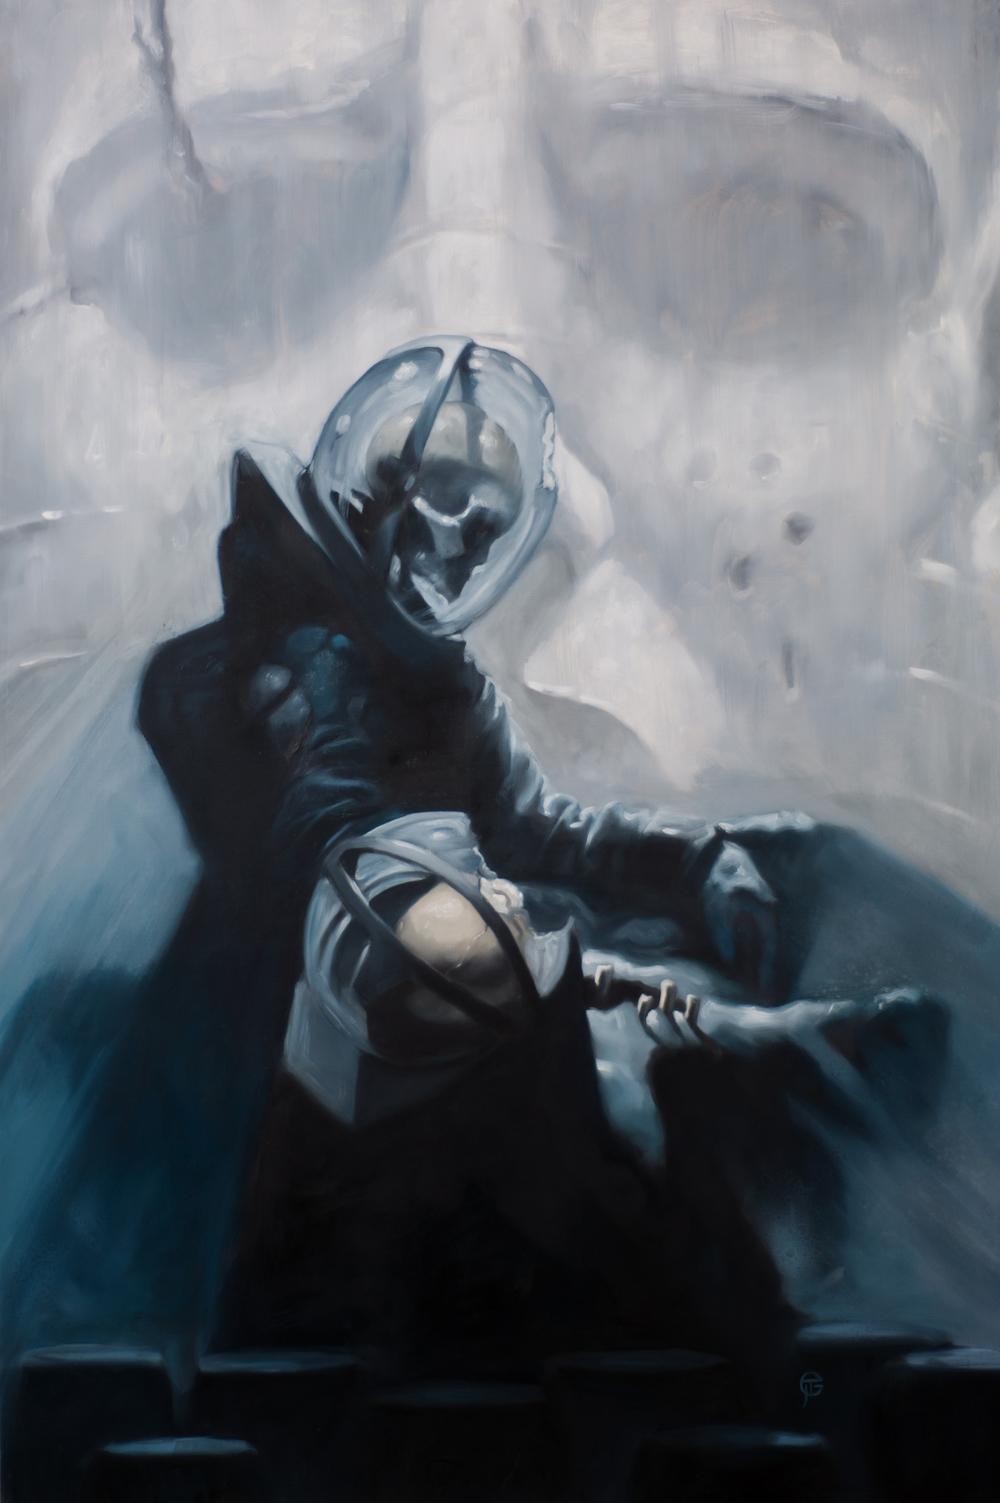 Prometheus, Man of Sorrows